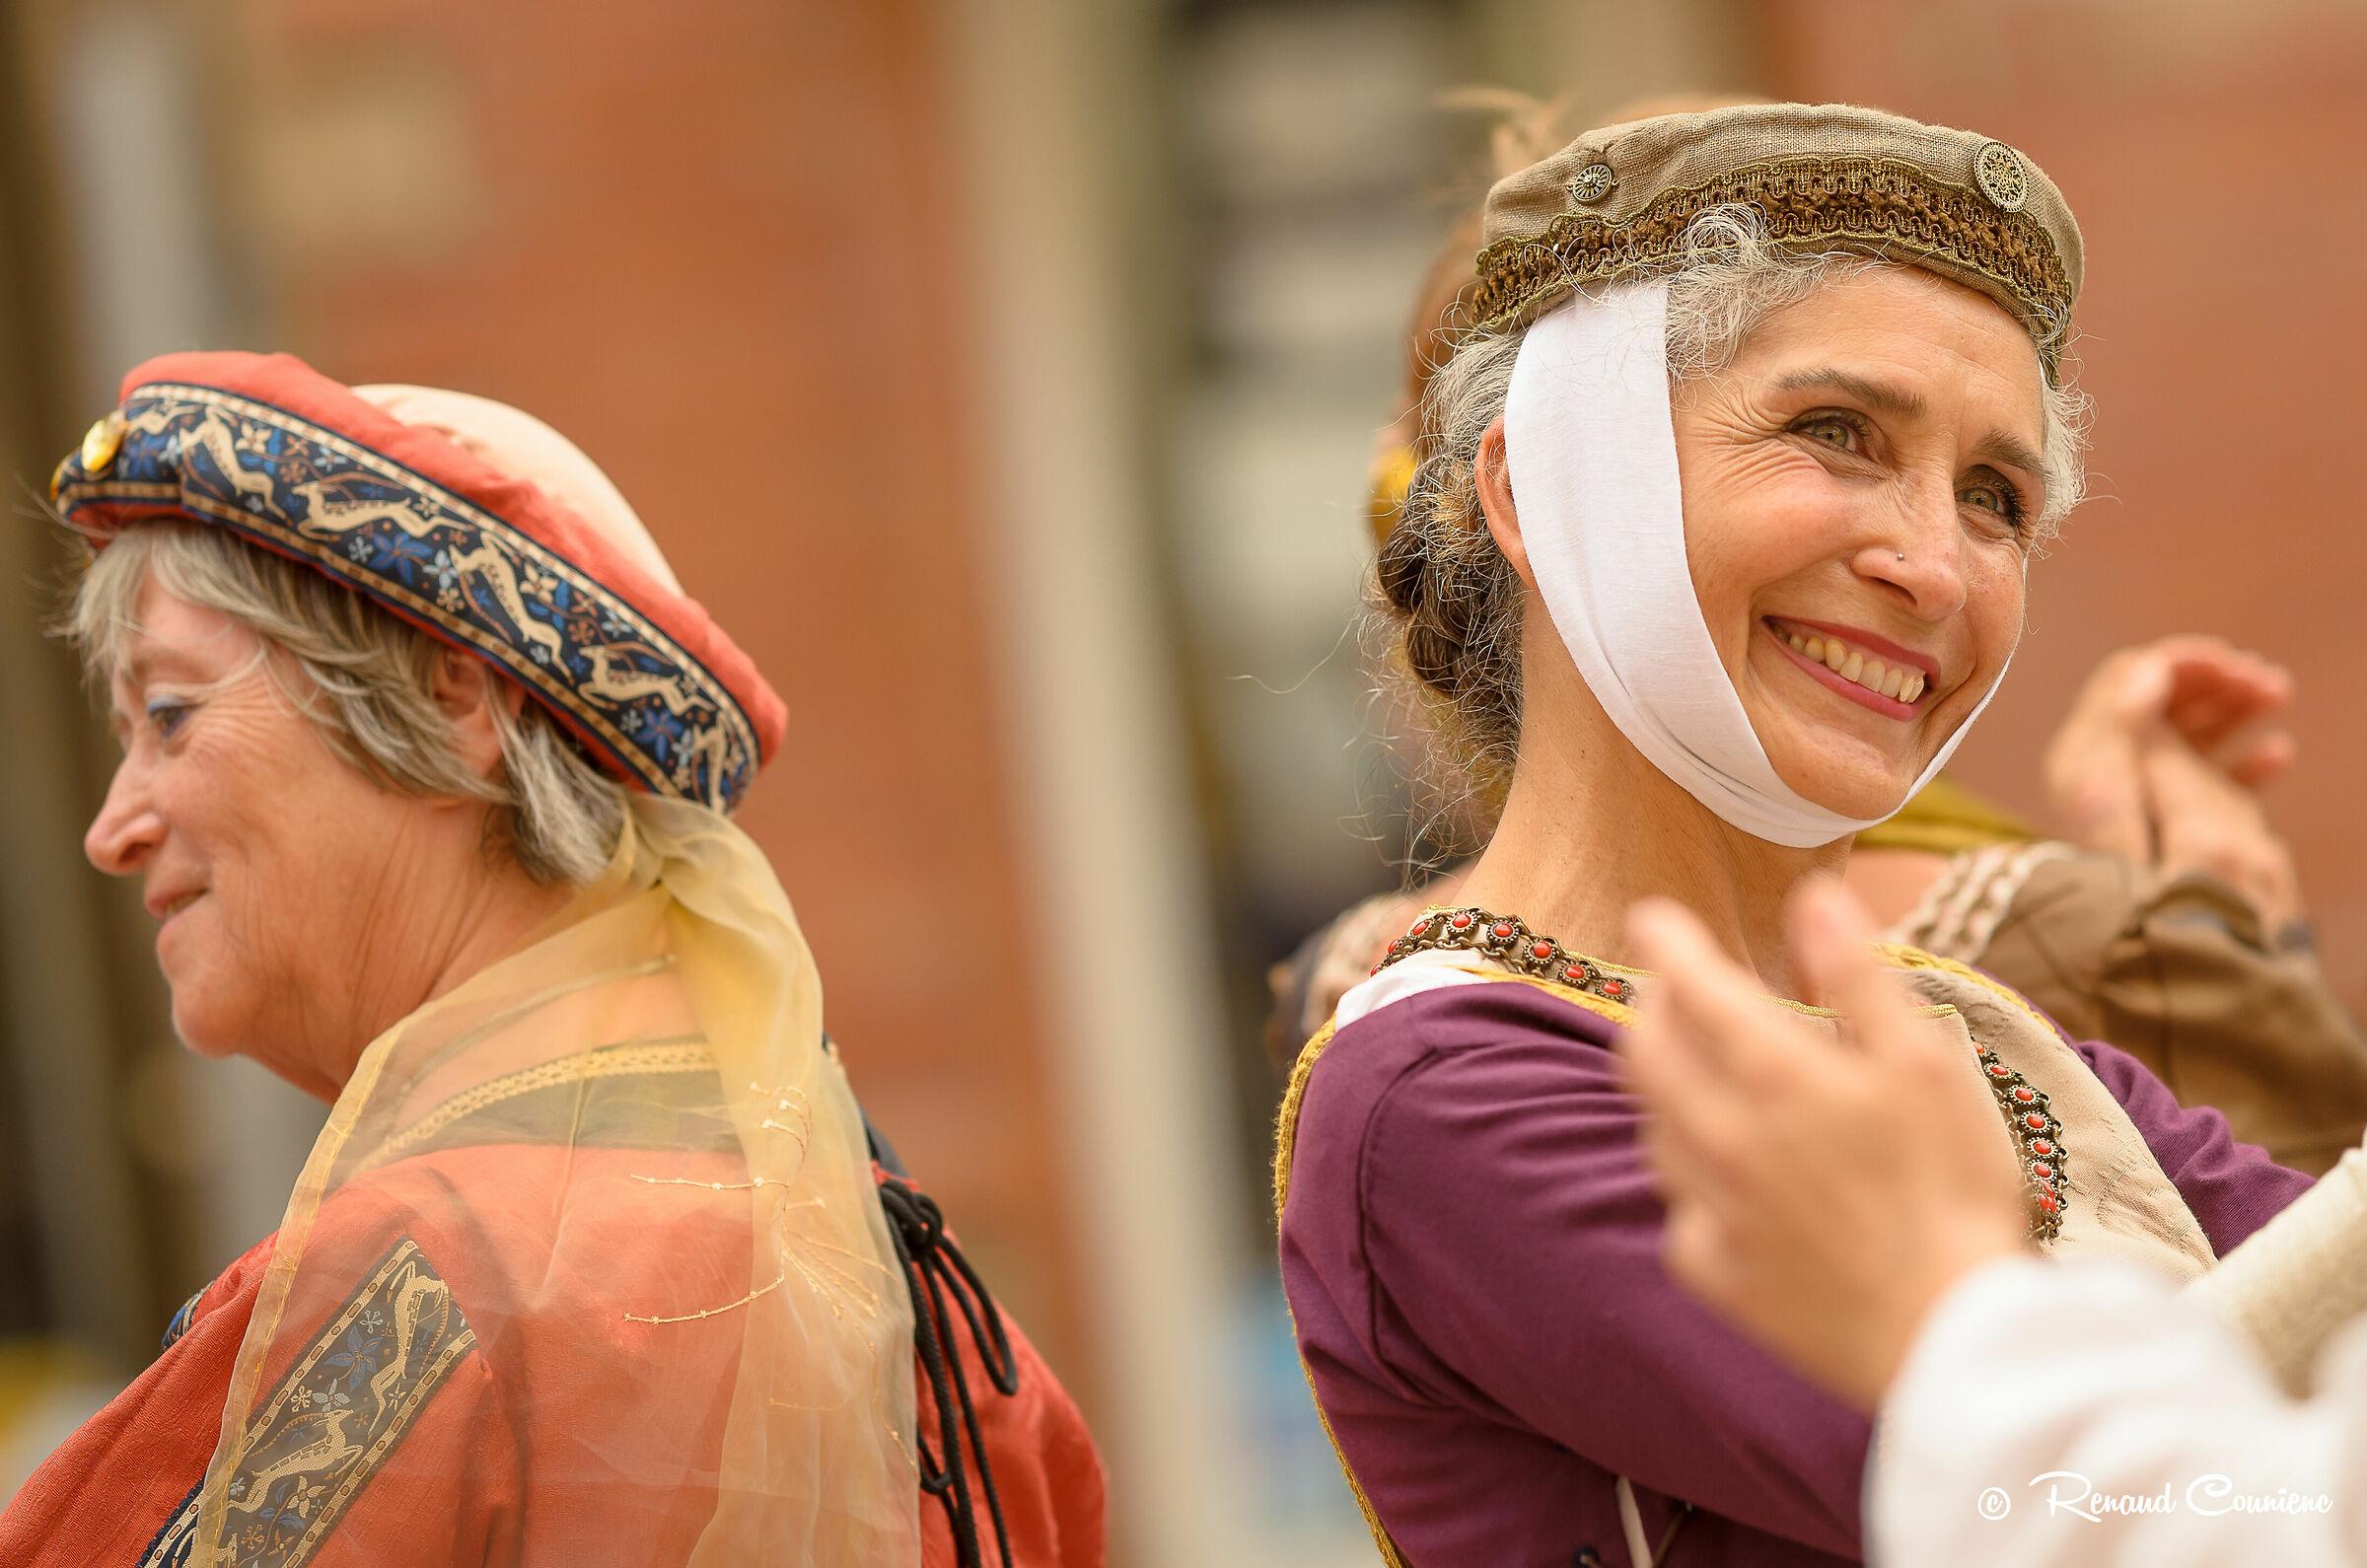 Trobades Perpignan - Medieval Catalan cultural show...